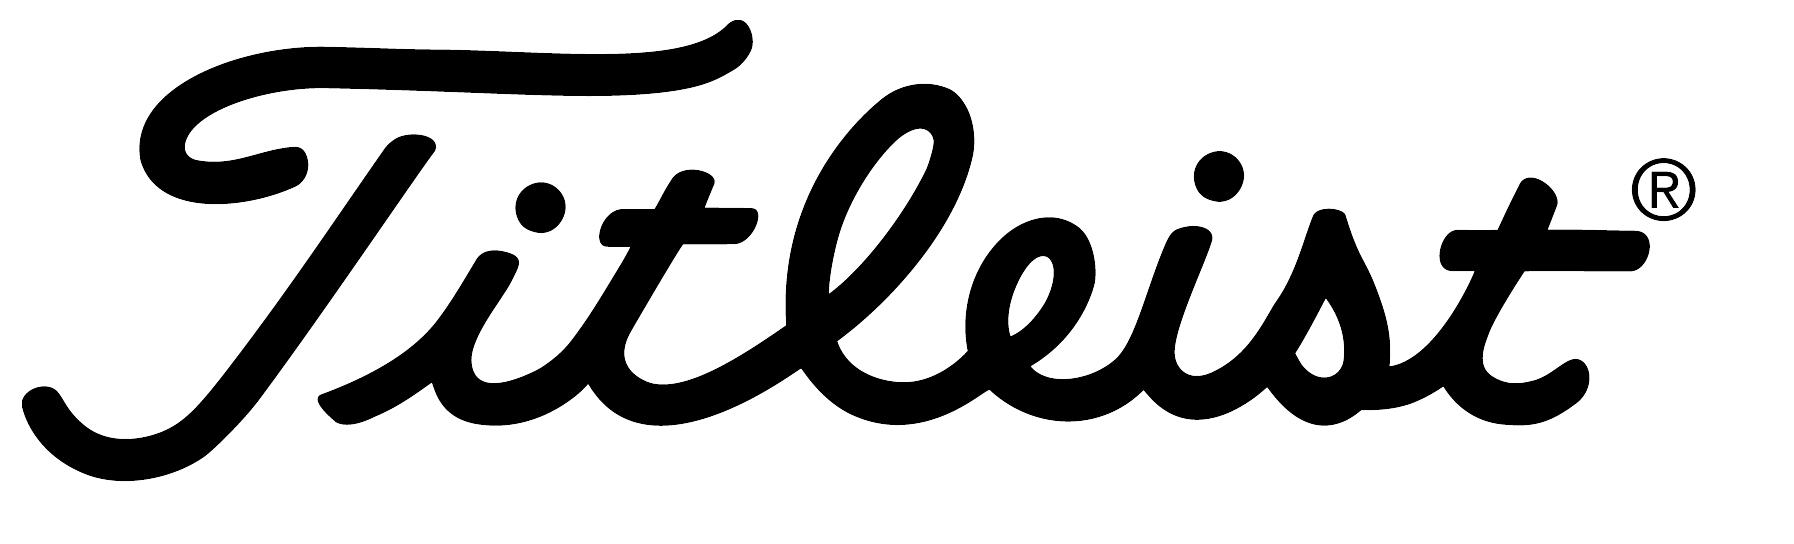 Titleist Golf : Une marque de matériel  pour les Serious Golfer